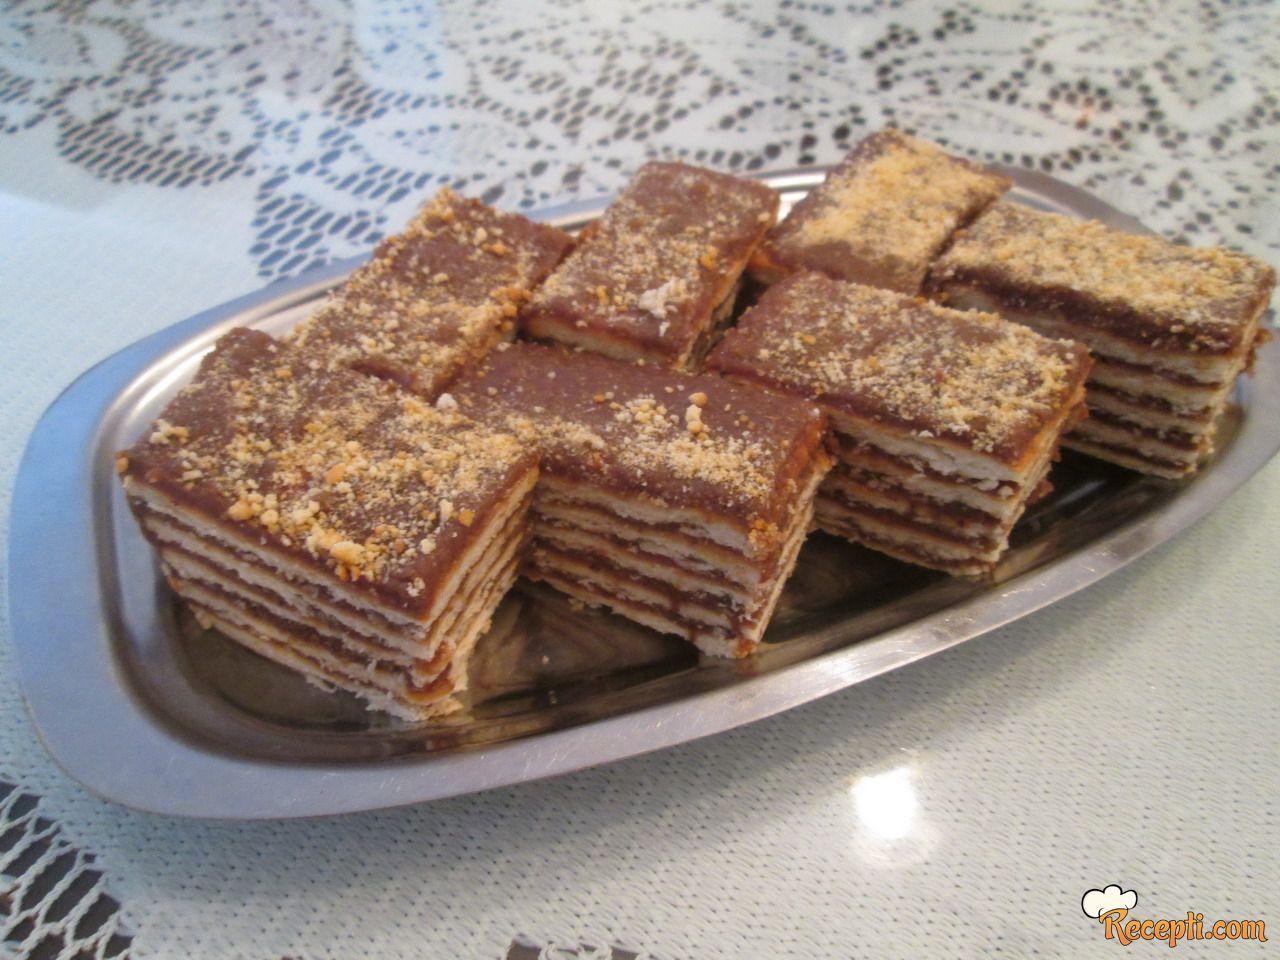 Čokoladne kocke sa keksom